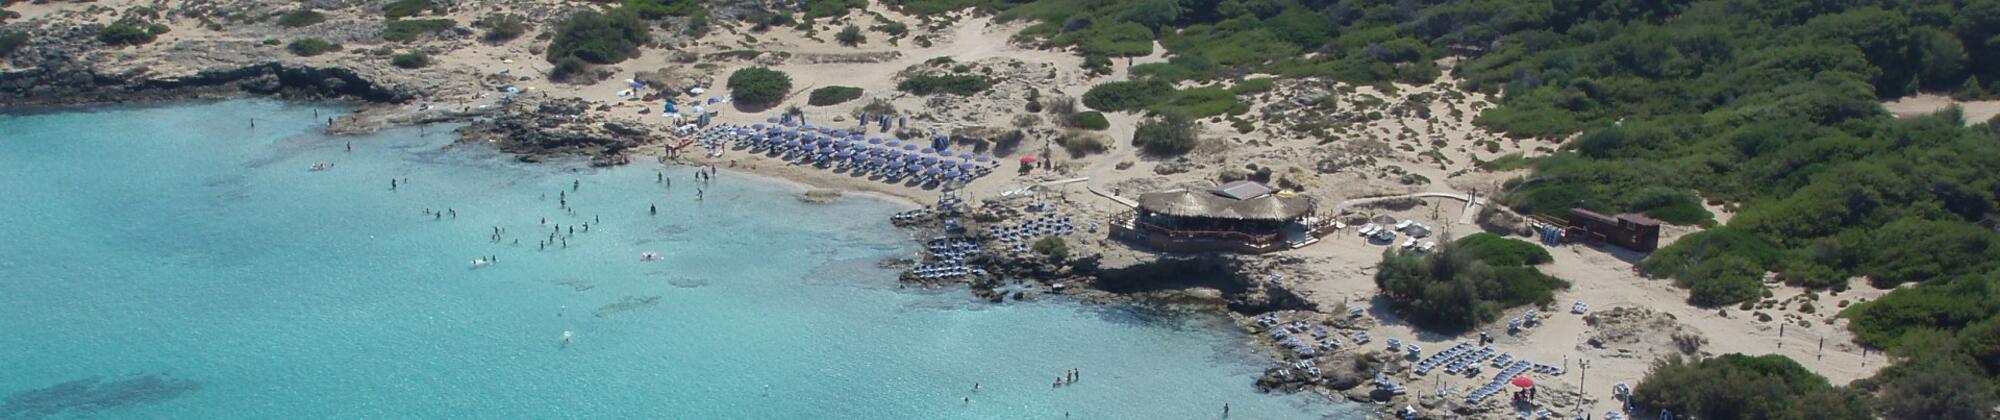 Due spiagge da non perdere: Lido Pizzo e Punta della Suina